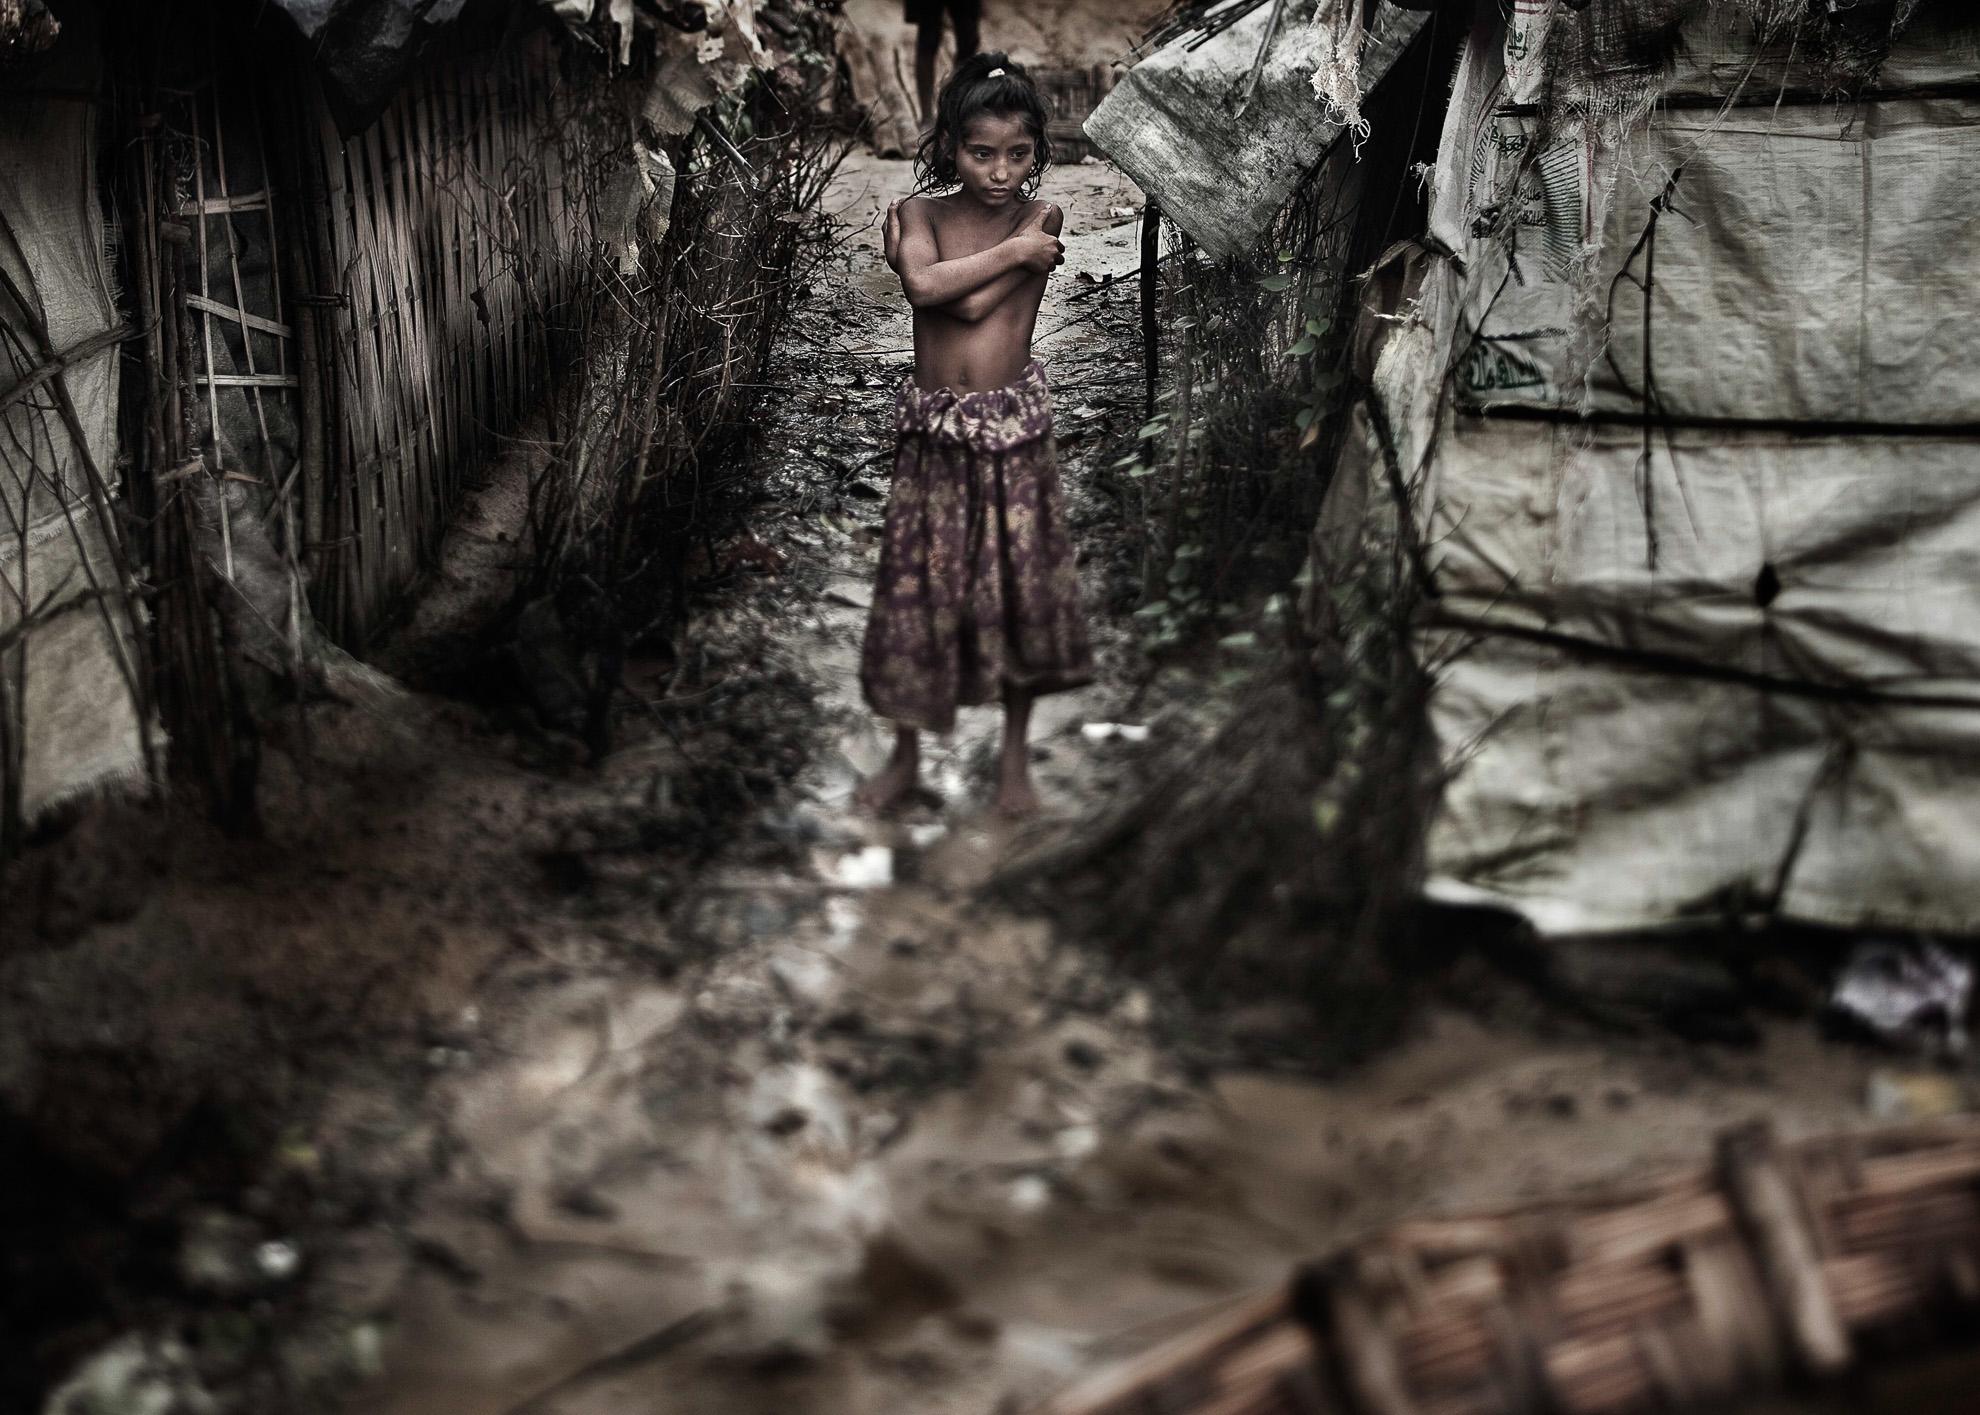 Se estima que en el campo improvisado de Kutupalong, al sur de Cox's Bazar, en la costa este de Bangladés, viven unas 22.000 personas refugiadas de Myanmar (antigua Birmania) que en lugar de encontrar ayuda, son informadas de que no pueden vivir cerca del campo oficial apoyado por el Gobierno de Bangladés y por el Alto Comisionado de Naciones Unidas para los Refugiados. No tienen a dónde ir ni forma de cubrir sus necesidades más básicas.